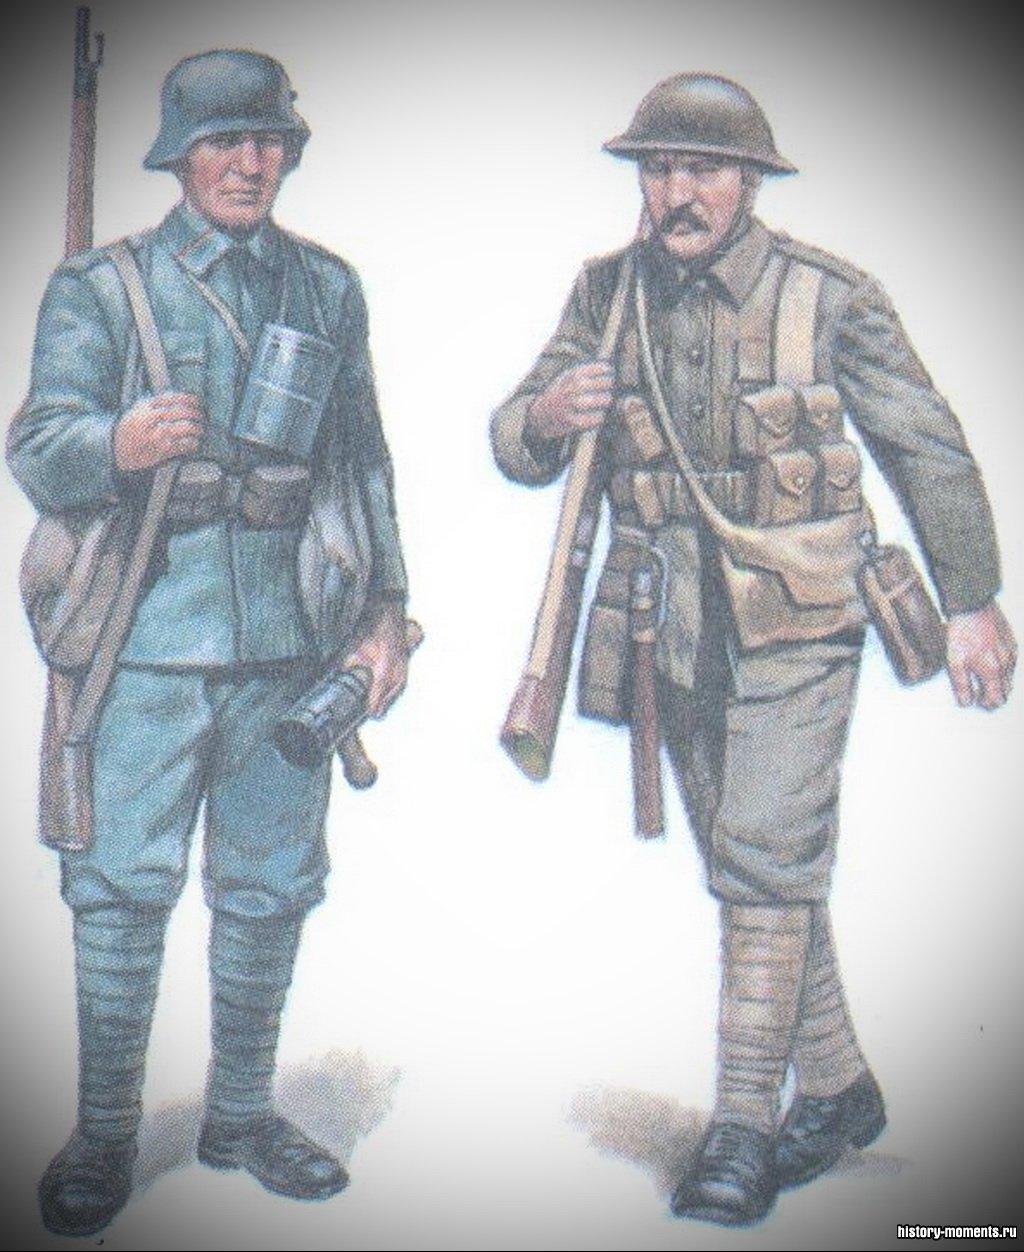 Пехотинцы Первой мировой войны: германский (слева) и британский (справа ).